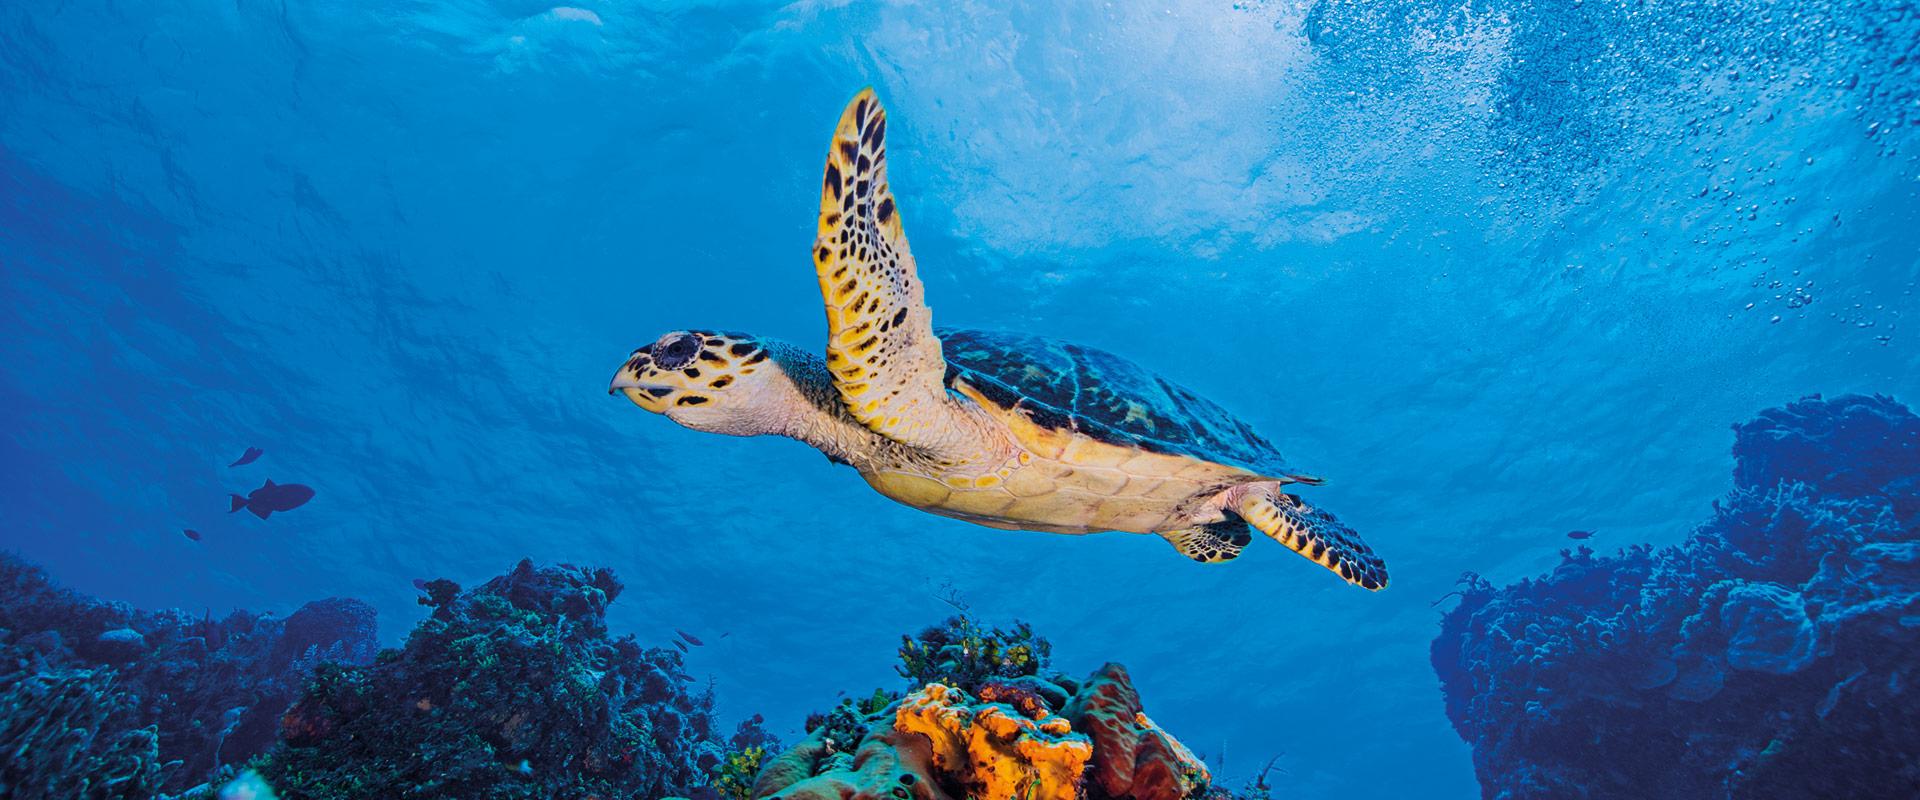 Cozumel, vida subacuática